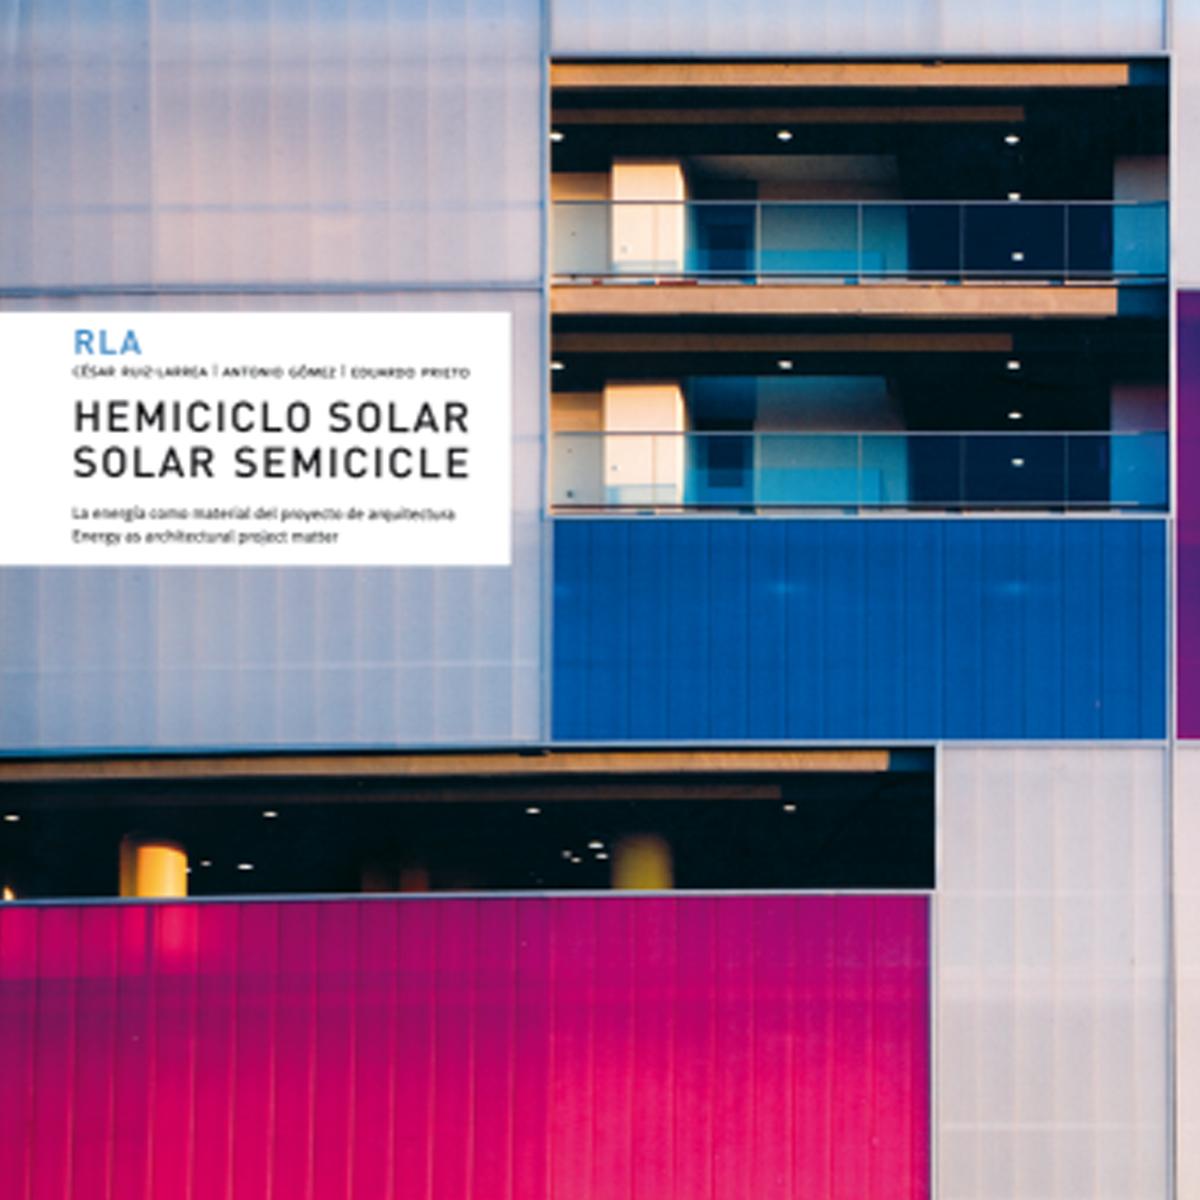 Solar Semicicle